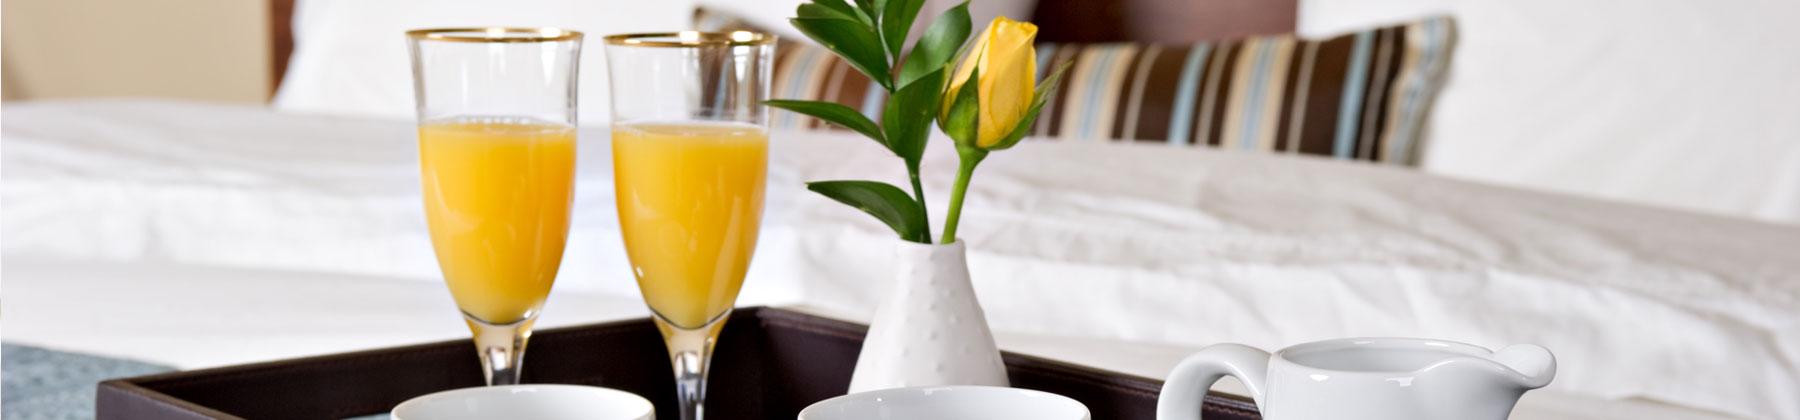 Offre spéciale Quality Hotel Toulouse Centre Le Clocher De Rodez - Toulouse - promo - hebergement - hotels-prives